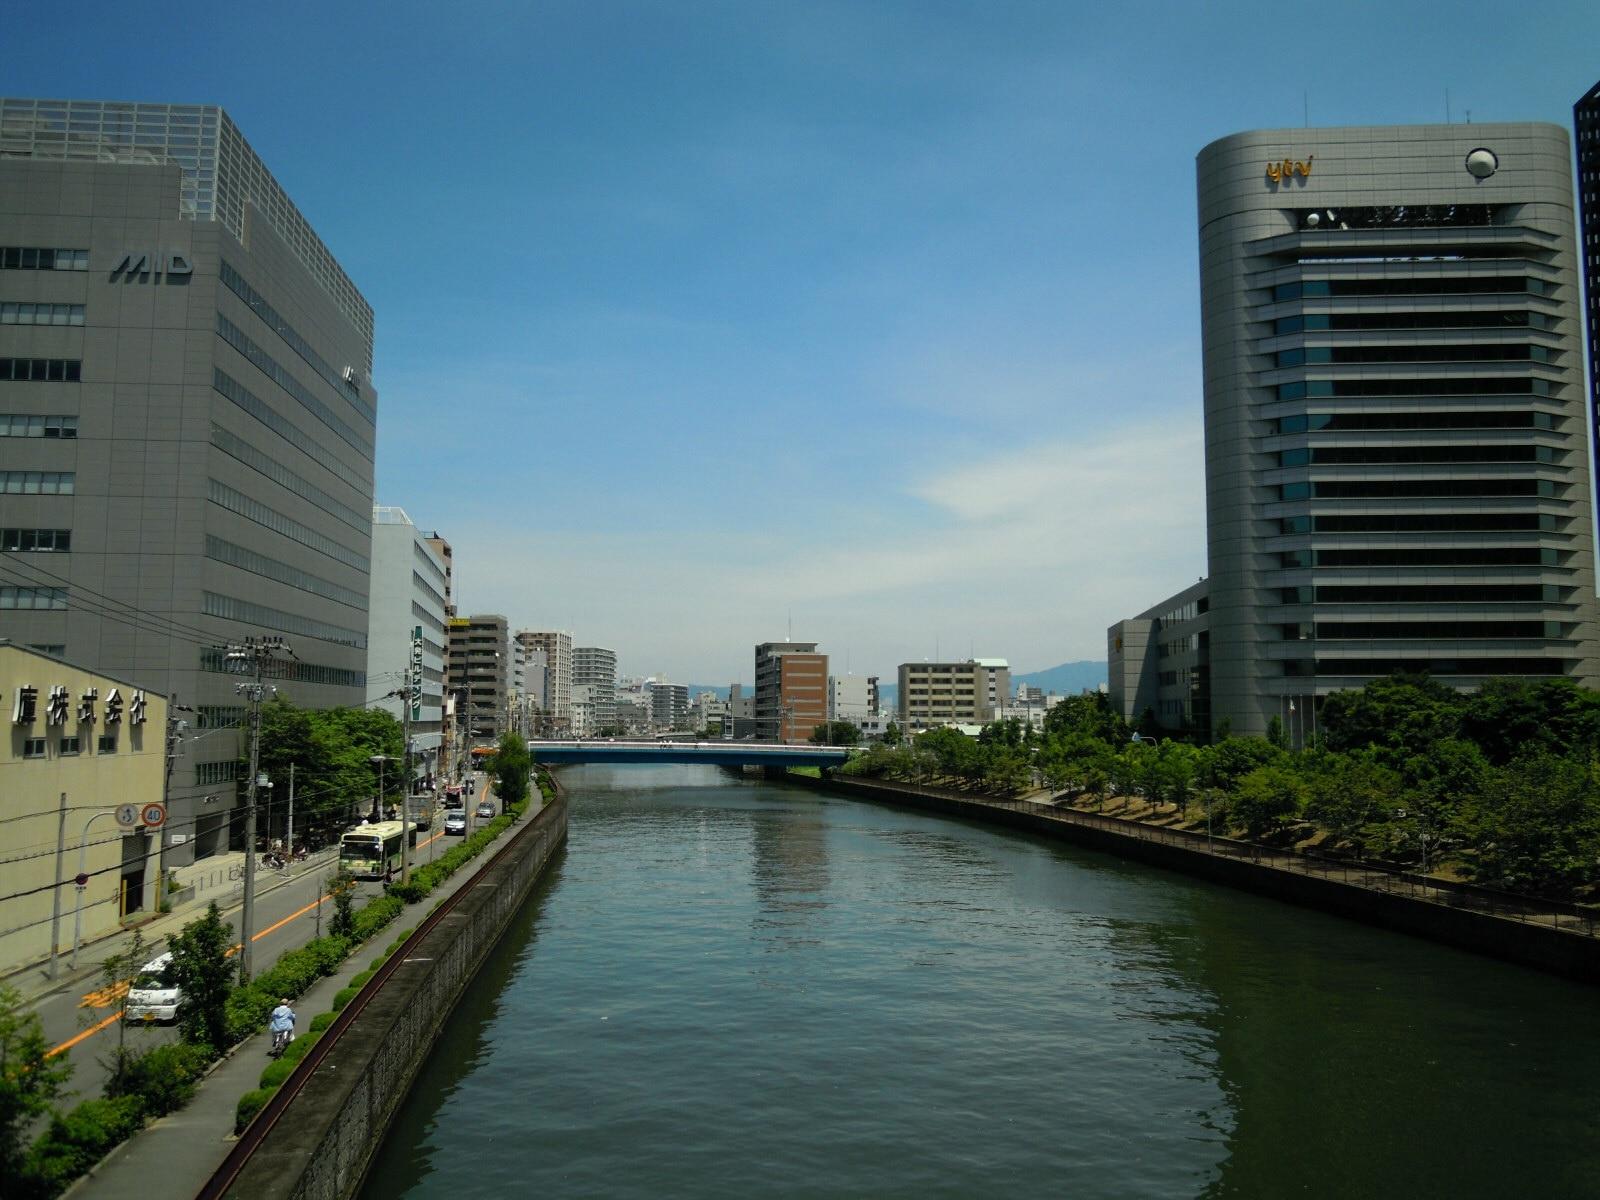 Kyobashi, Osaka, Osaka Prefecture, Japan